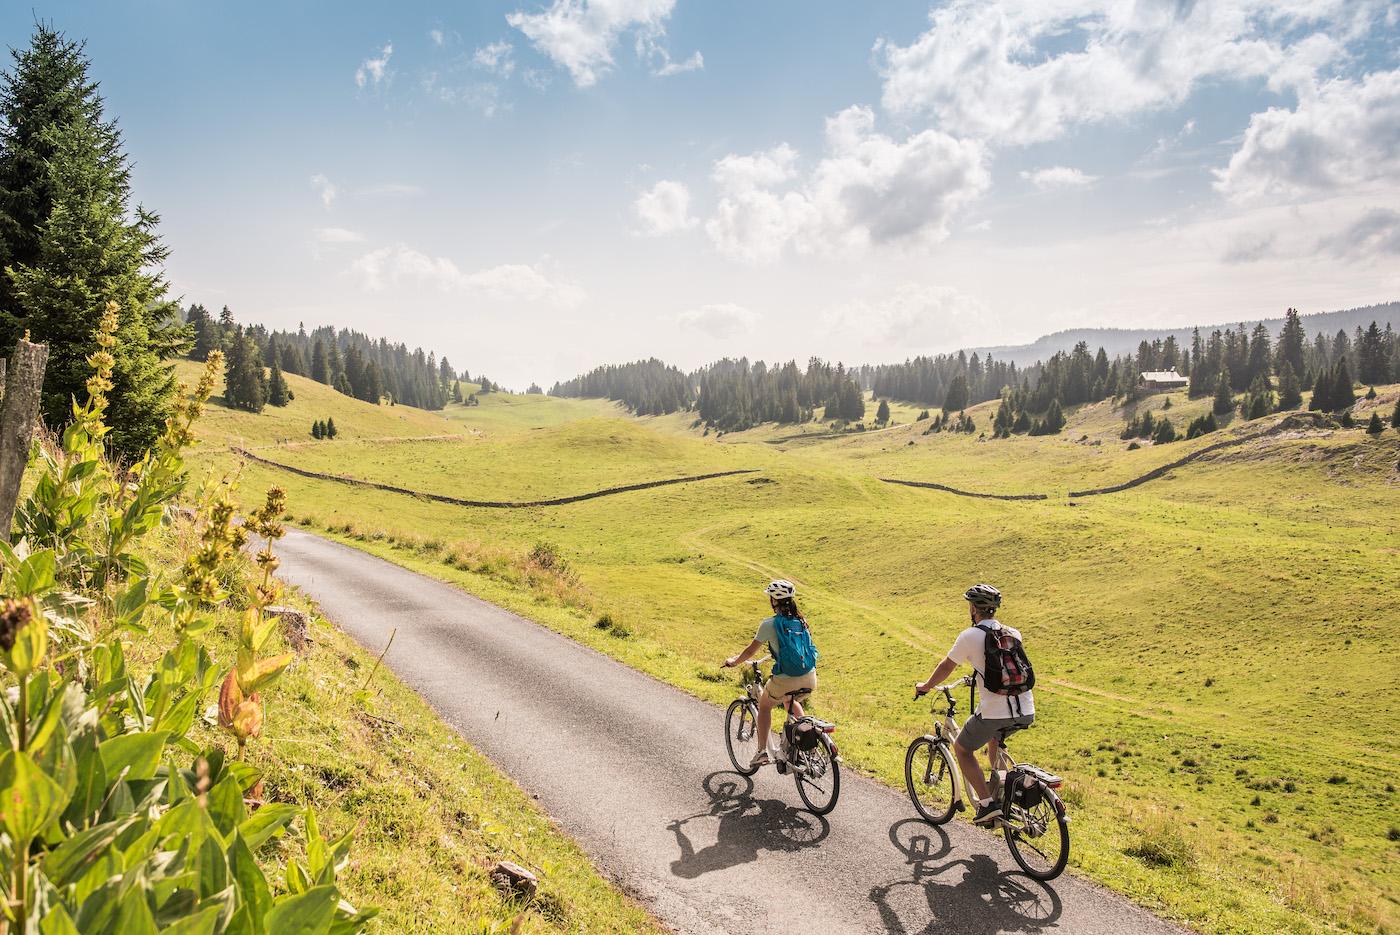 La «Route du cœur» de Suisse Tourisme est particulièrement adaptée aux adeptes du vélo électrique. (Suisse Tourisme)